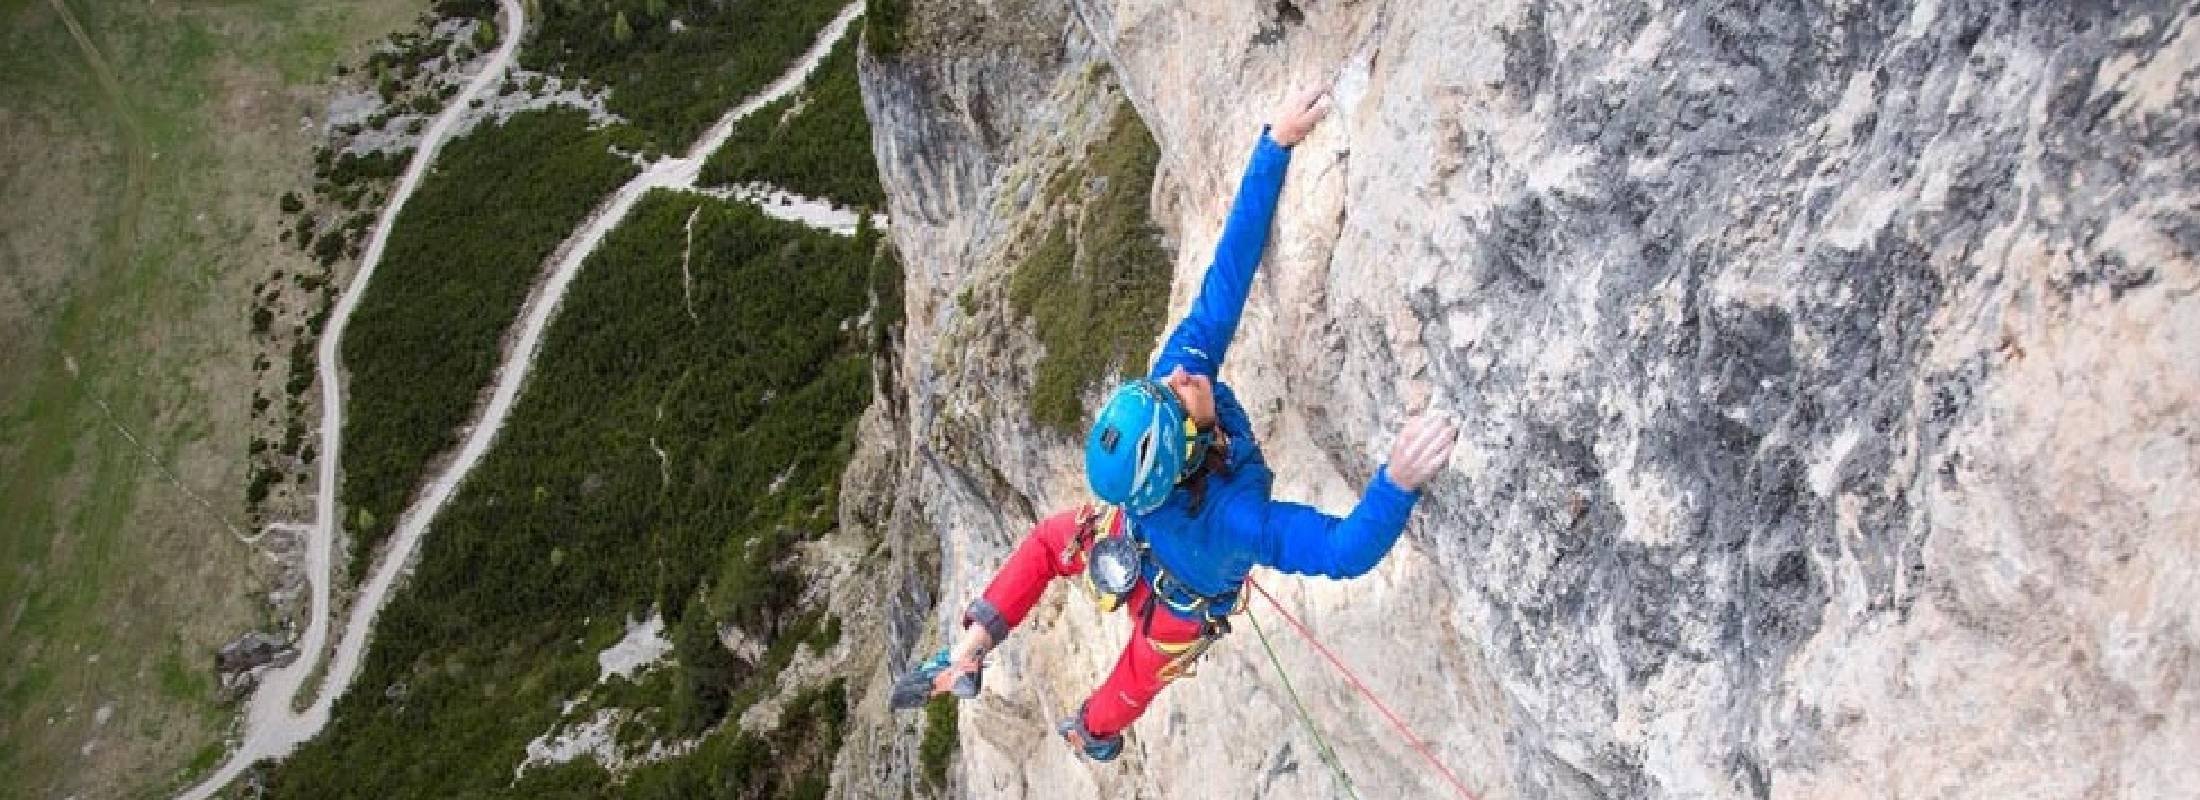 escalada en roca con guia en los dolomitas